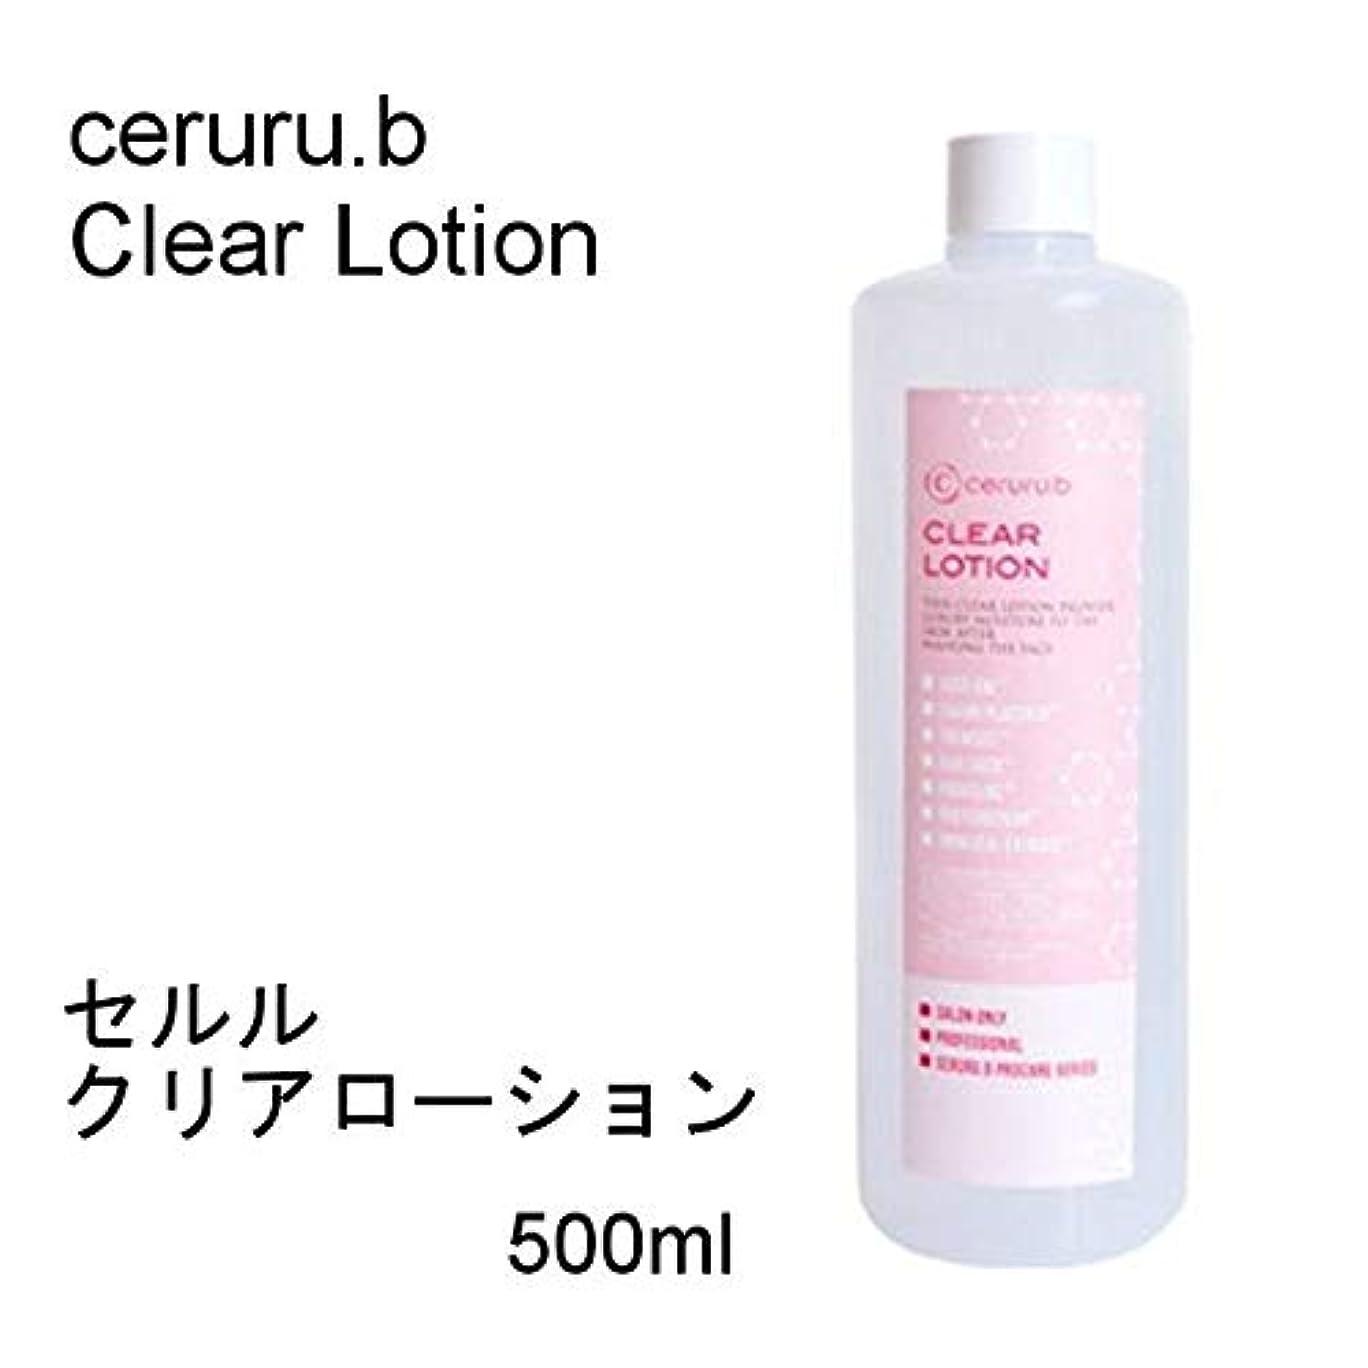 メジャーぬいぐるみ生活ceruru.b/セルル 業務用 クリアローション 化粧水 500mL